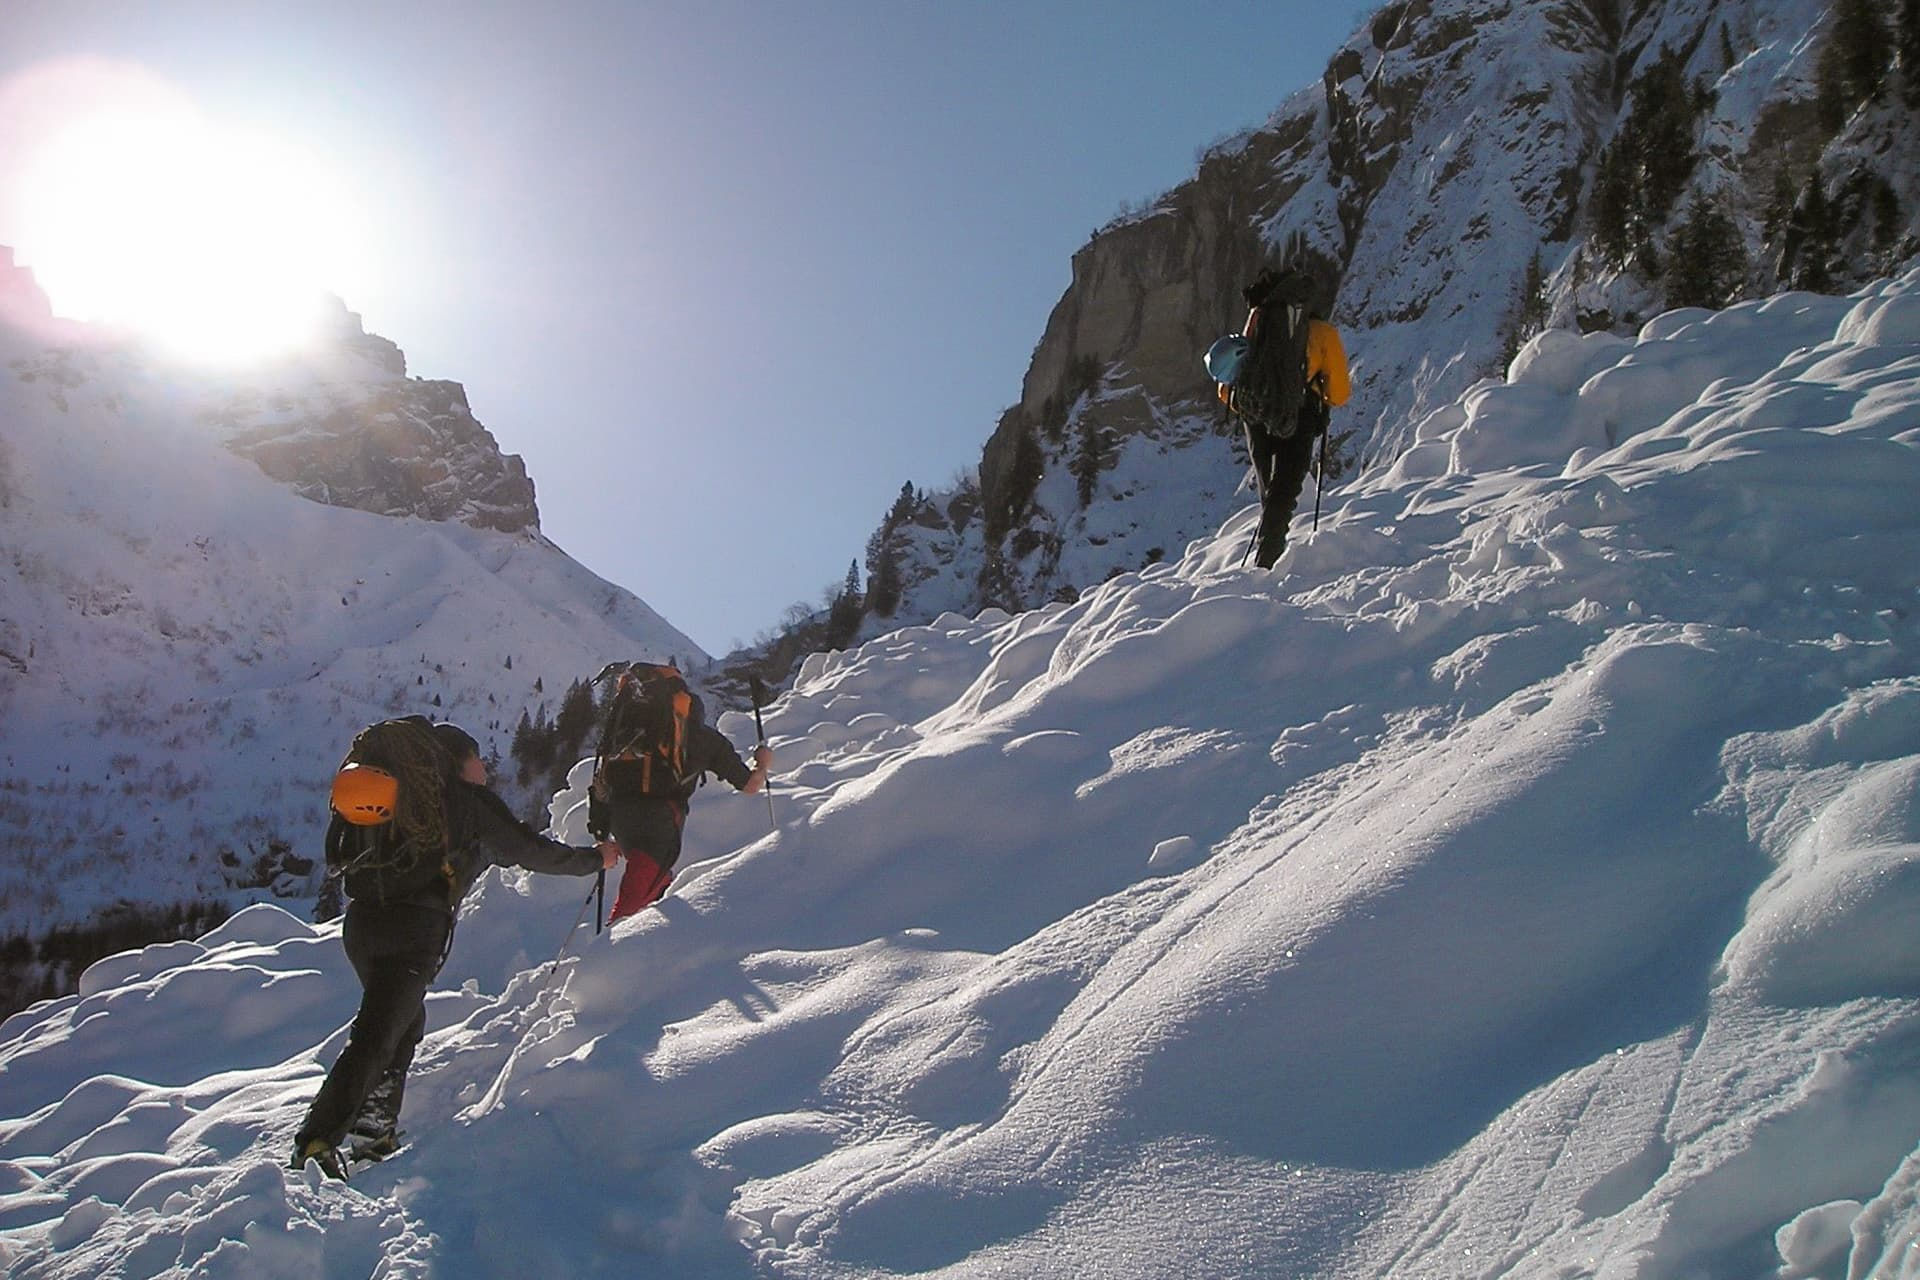 Schneetouren im Kleinwalsertal